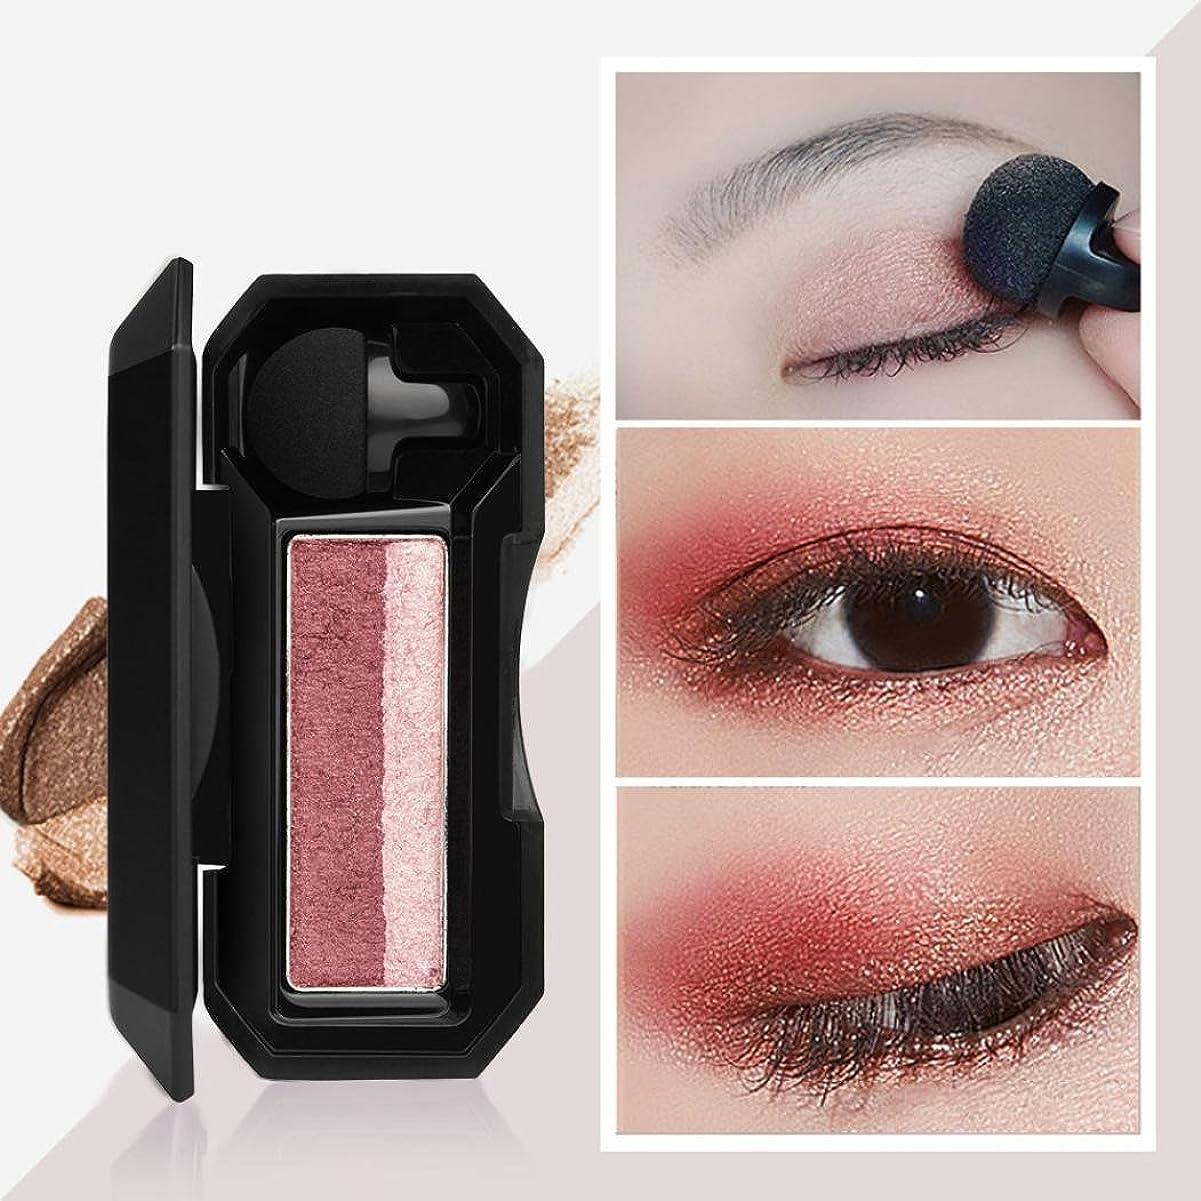 本当のことを言うとスイッチ手書きビューティー アイシャドー BOBOGOJP 女性 2色 可愛い デザイン ミニスタンプアイシャドーパレット 携帯便利 極め細かい 化粧パウダー 持続性 スモーキーメイク (21C)